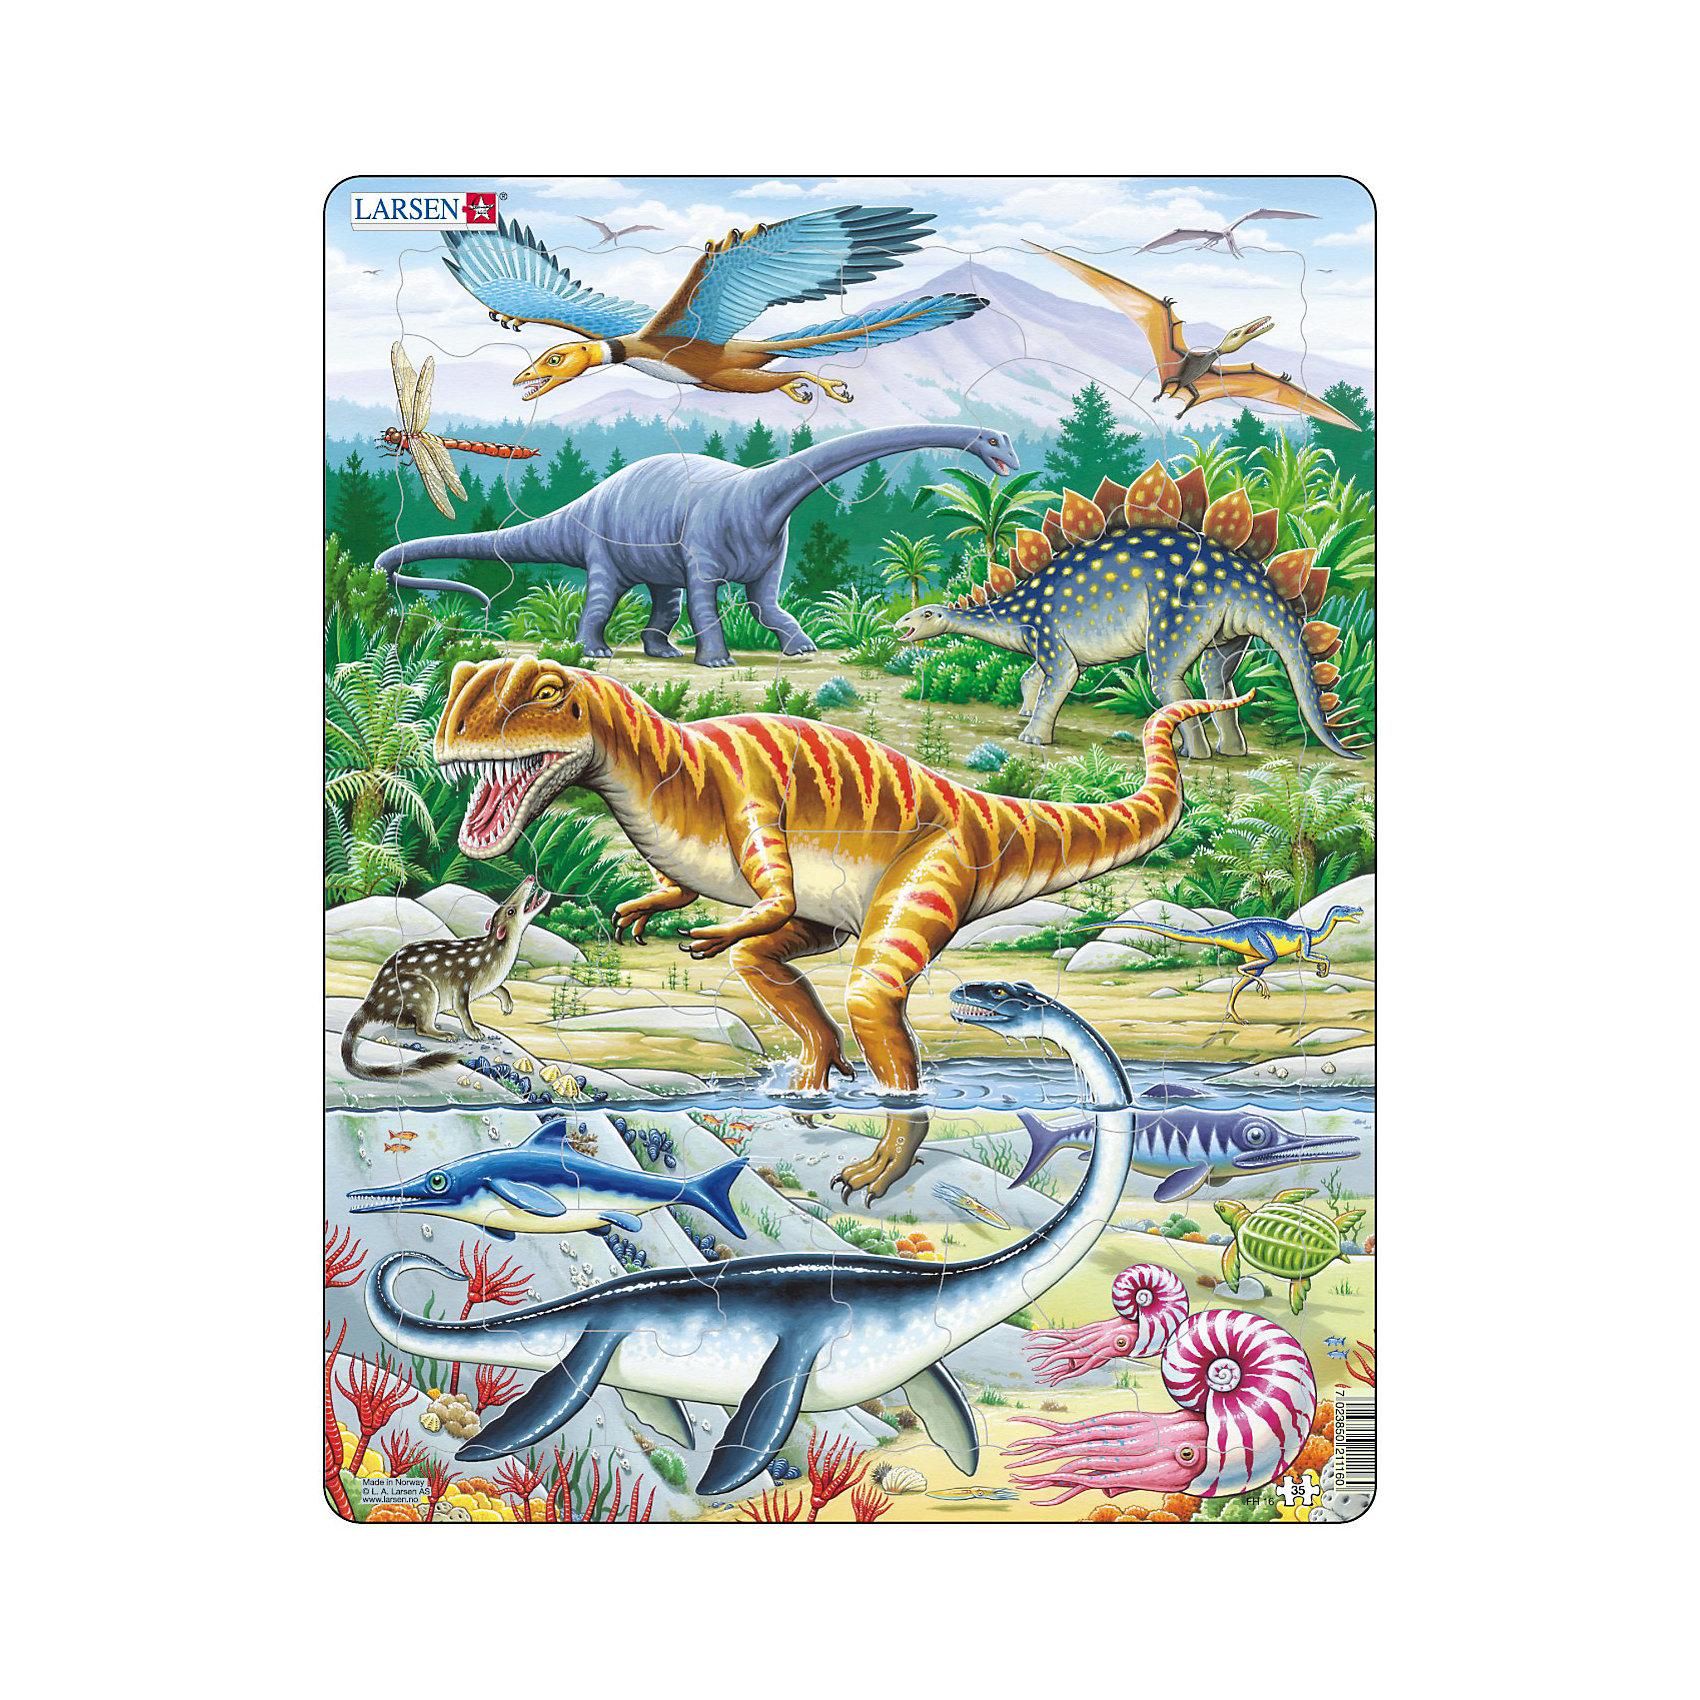 Пазл Динозавры, 35 деталей, LarsenПазлы для малышей<br>Пазл Динозавры, 35 деталей, Larsen (Ларсен) – это высококачественный обучающий пазл-рамка.<br>Пазл-рамка Динозавры – это яркий и красивый пазл, состоящий из 35 деталей, на котором представлен Животный мир Юрского периода. Когда ребенок соберет пазл целиком, он сможет подробно рассмотреть доисторических животных. Пазл имеет специальную рамку с подложкой, на которой выдавлены контуры необходимых деталей, что облегчит процесс сборки. Детали пазла изготовлены из высококачественного плотного трехслойного картона. Они не деформируются, хорошо сцепляются друг с другом, не расслаиваются. Рисунок не стирается. Занятия по сборке пазла развивают образное и логическое мышление, пространственное воображение, память, внимание, усидчивость, координацию движений и мелкую моторику.<br><br>Дополнительная информация:<br><br>- Количество деталей: 35<br>- Размер собранной картинки: 36,5х28,5 см.<br>- Материал: плотный трехслойный картон<br>- Размер упаковки: 36,5х0,5х28,5 см.<br><br>Пазл Динозавры, 35 деталей, Larsen (Ларсен) можно купить в нашем интернет-магазине.<br><br>Ширина мм: 368<br>Глубина мм: 282<br>Высота мм: 13<br>Вес г: 314<br>Возраст от месяцев: 48<br>Возраст до месяцев: 72<br>Пол: Мужской<br>Возраст: Детский<br>Количество деталей: 35<br>SKU: 3206502